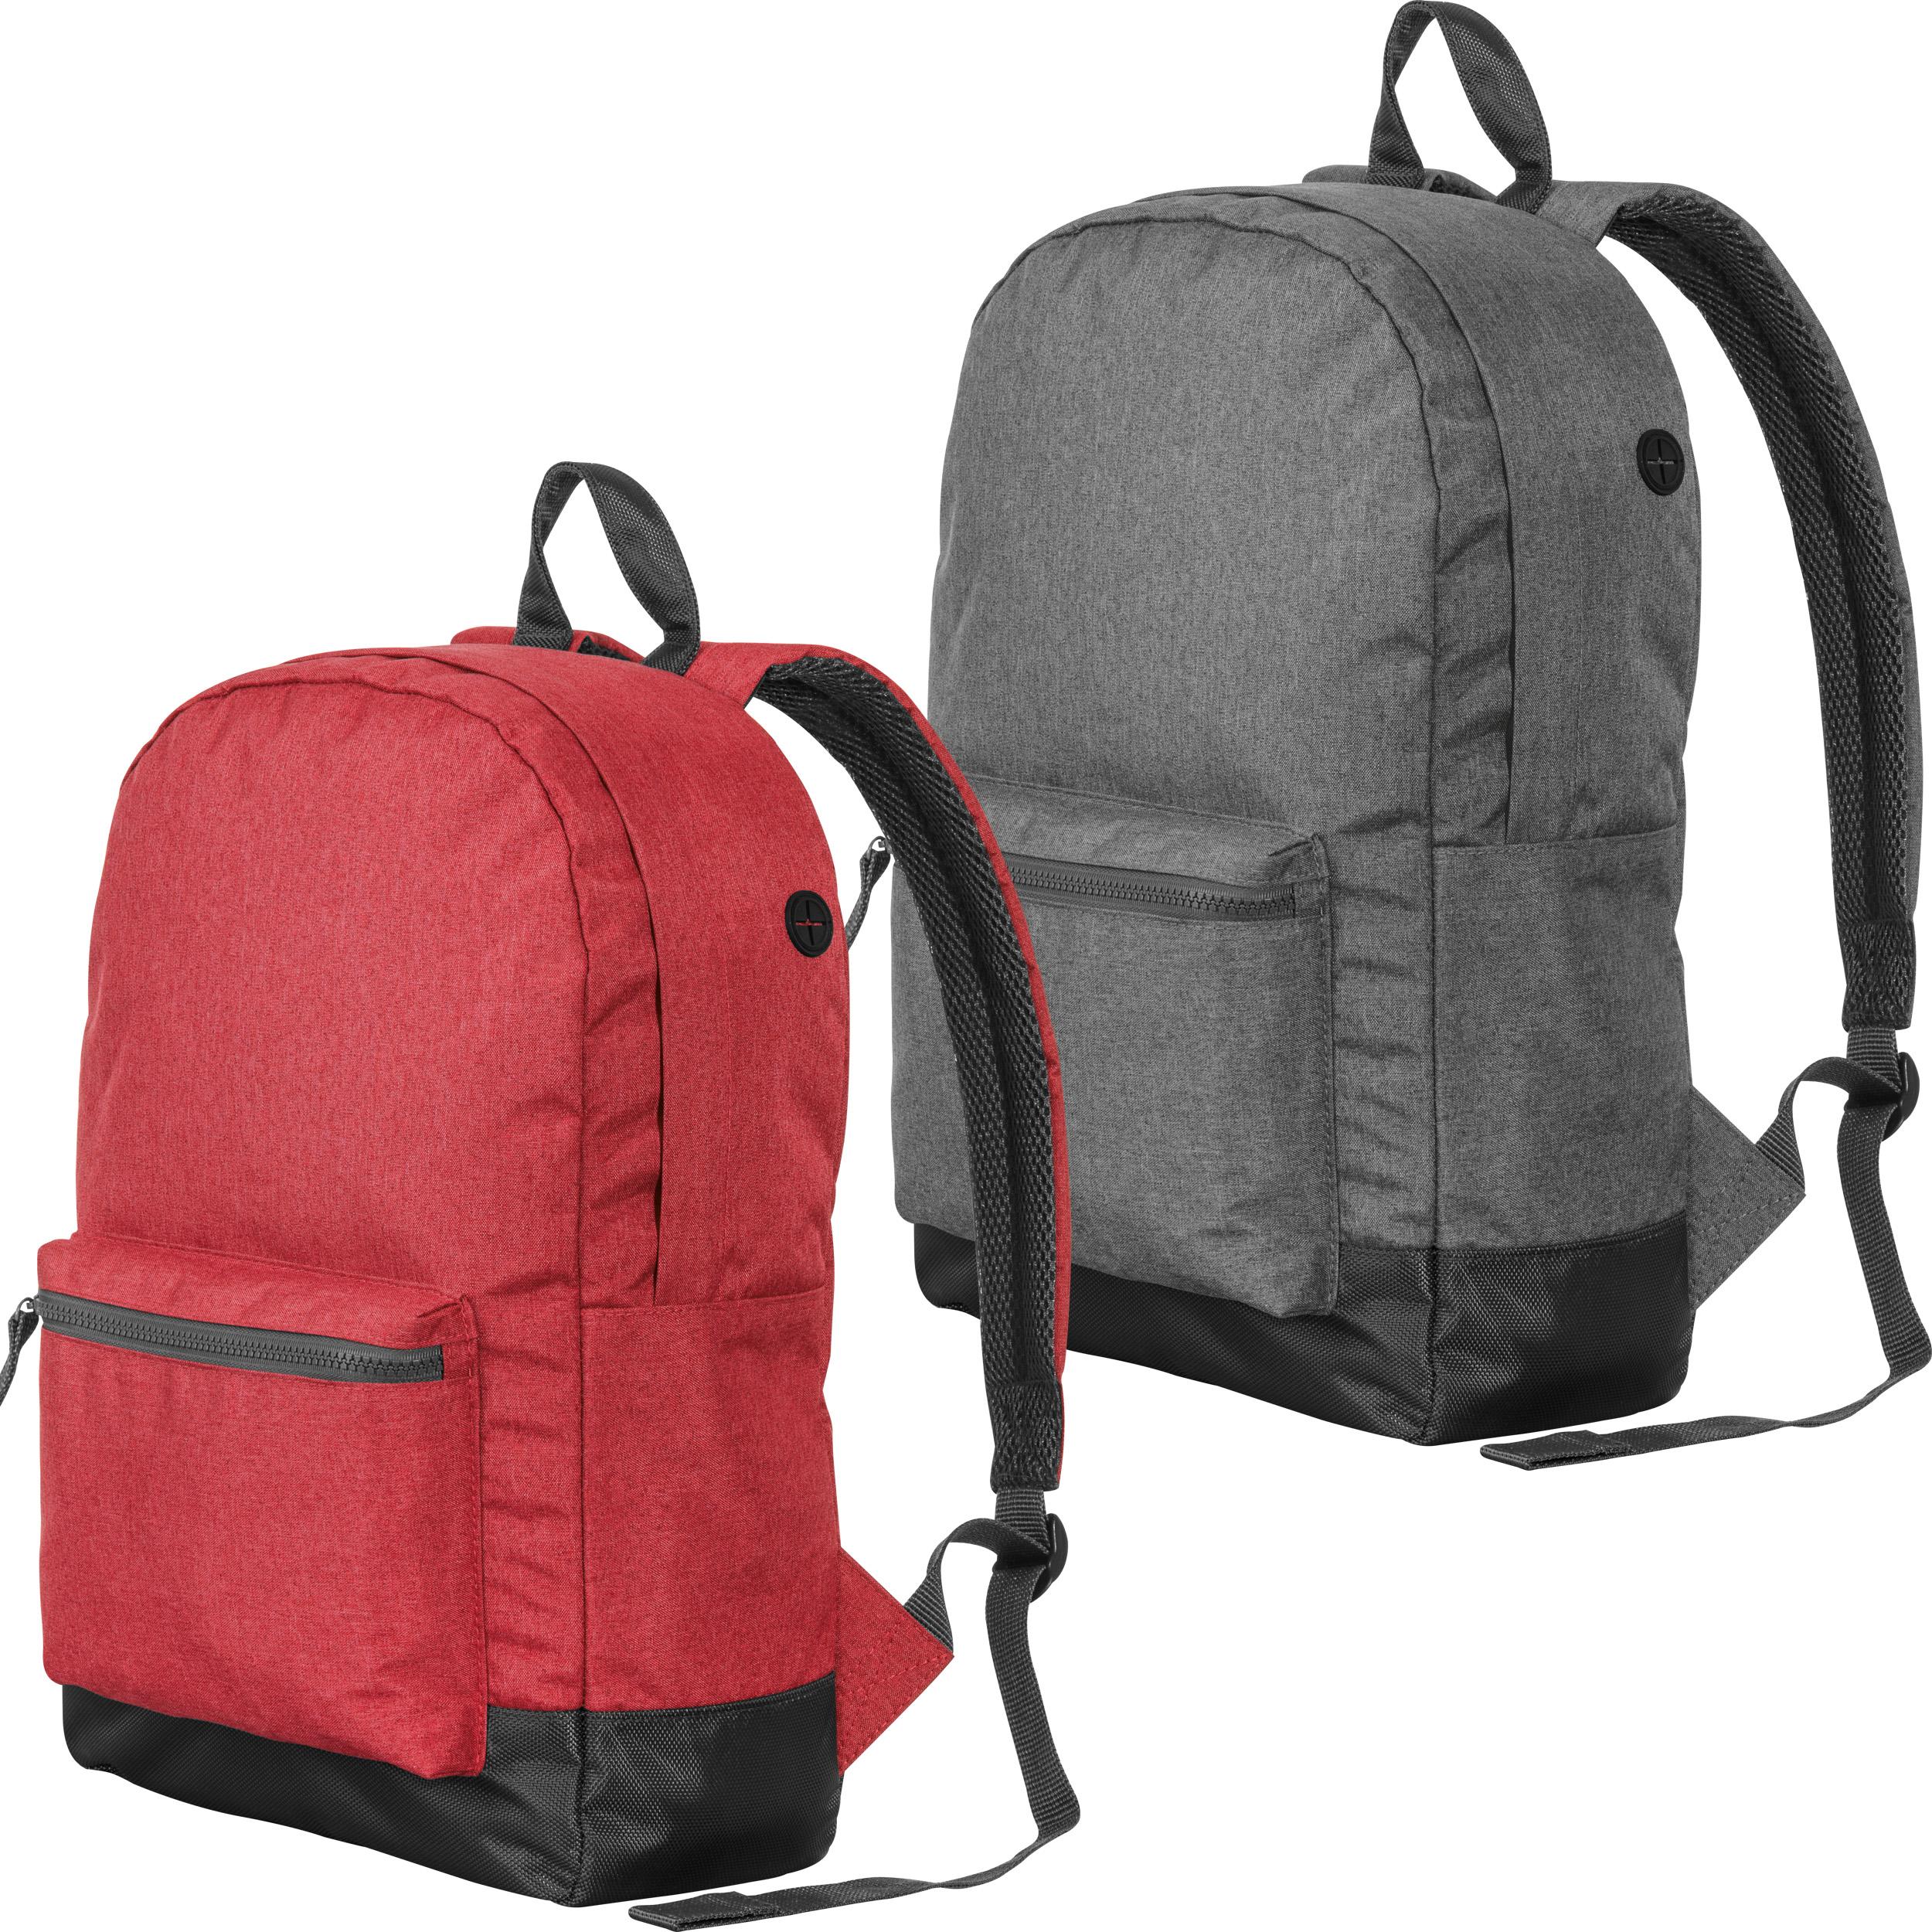 Hochwertiger Rucksack aus Polyester